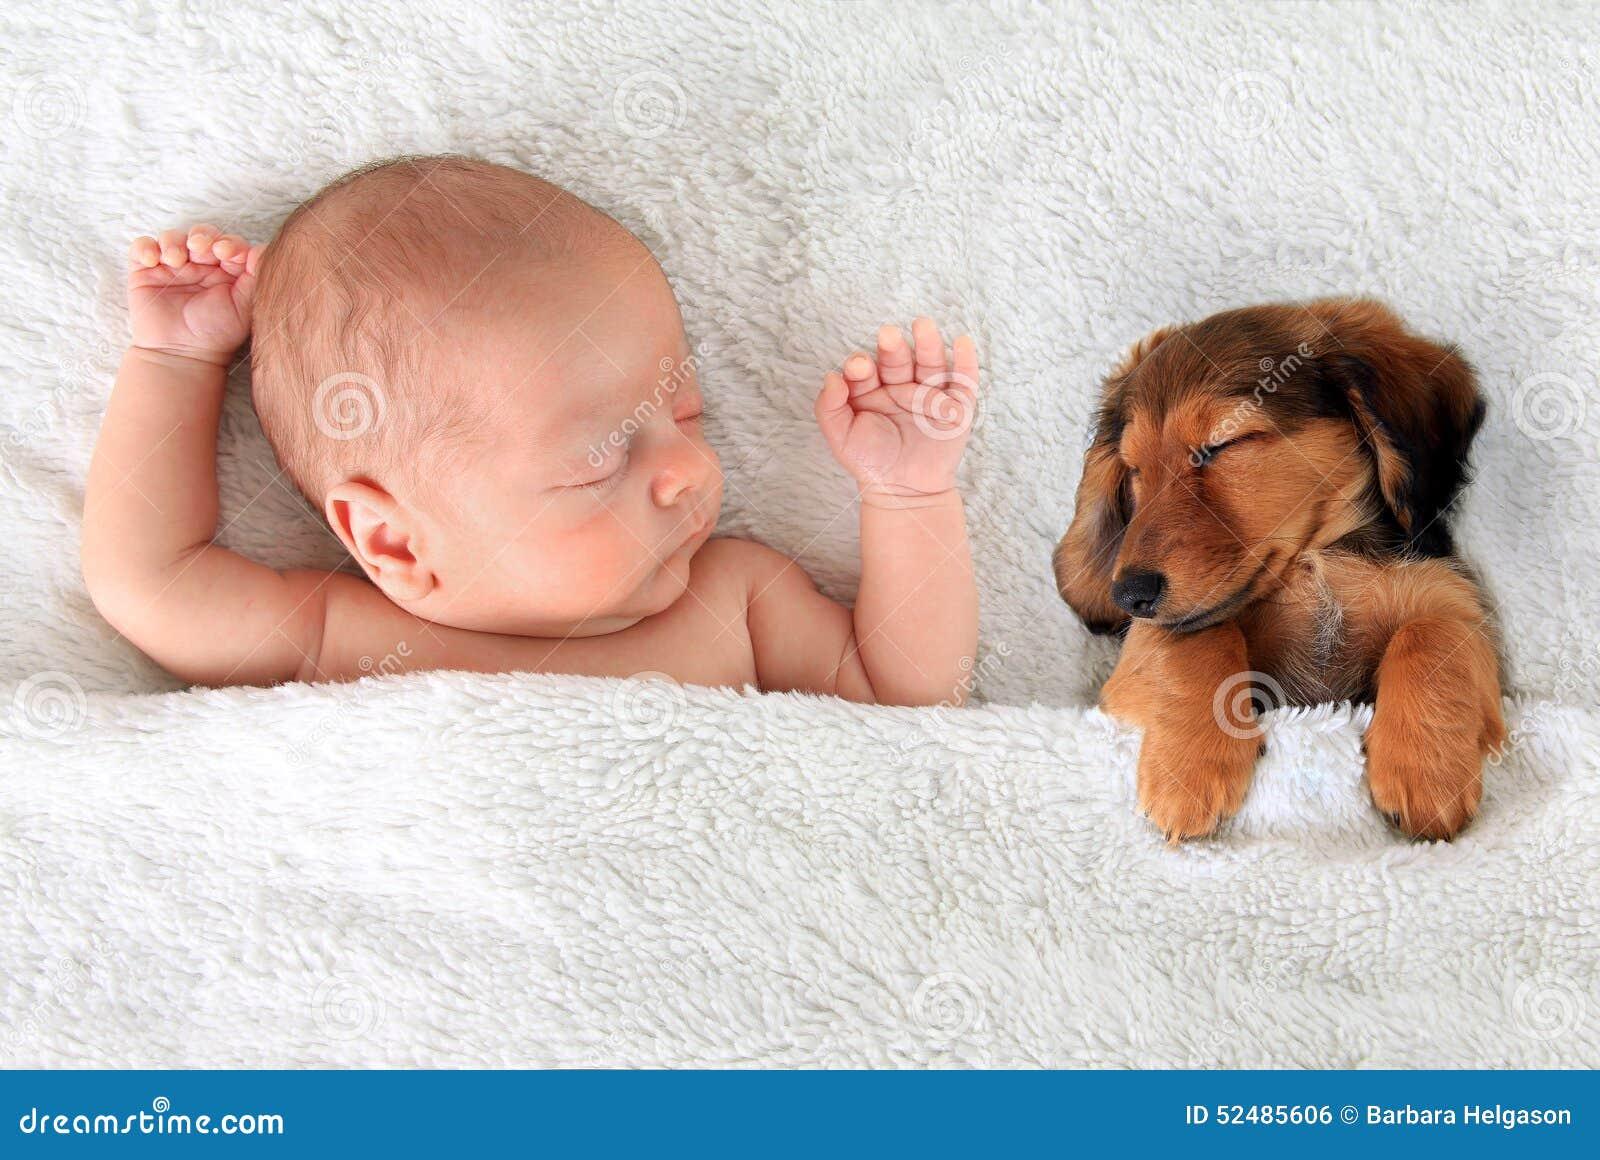 Bambino e cucciolo addormentati